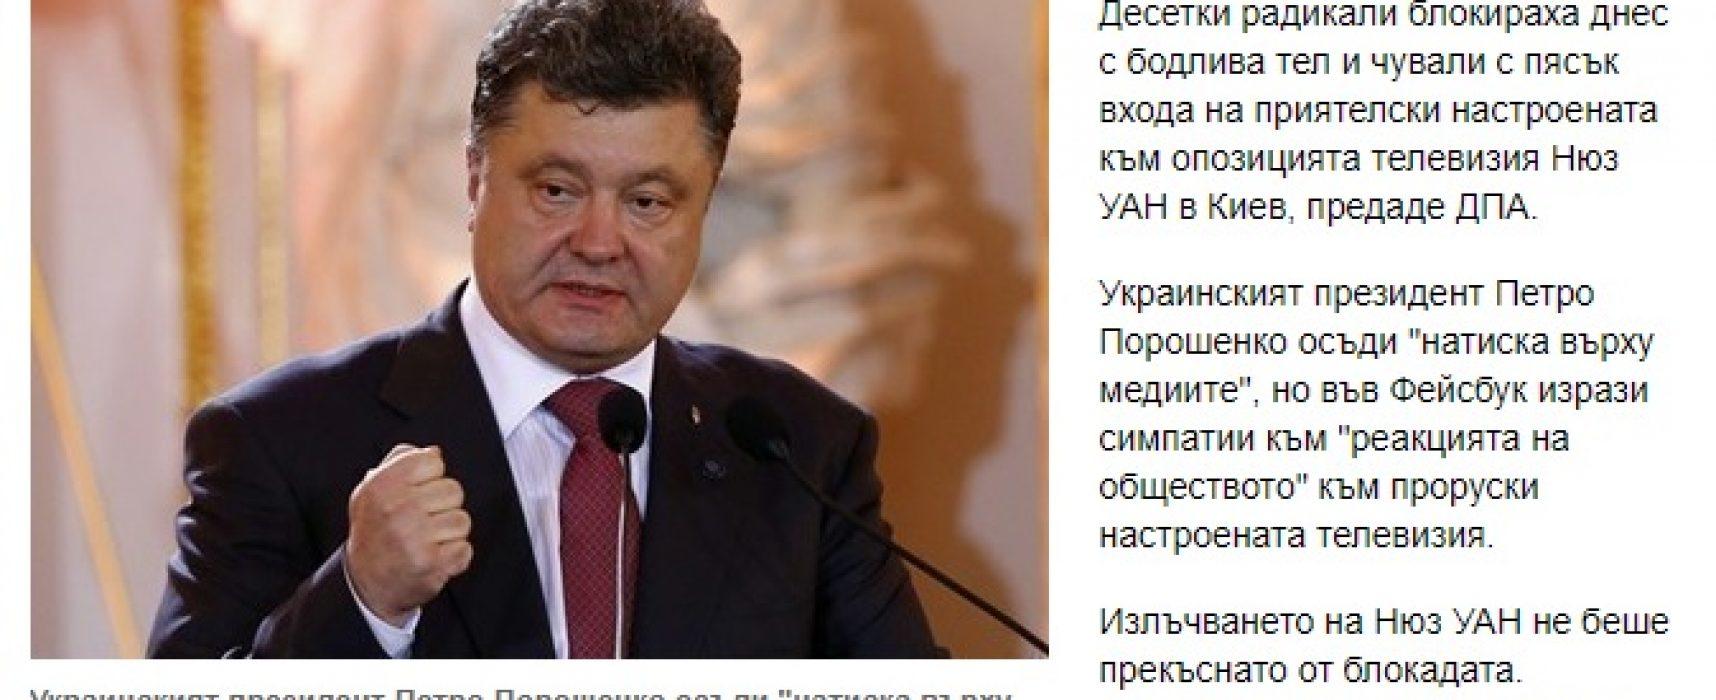 """Фейк: Украинският президент изрази симпатии към """"реакцията на обществото"""" срещу  проруски настроена телевизия"""